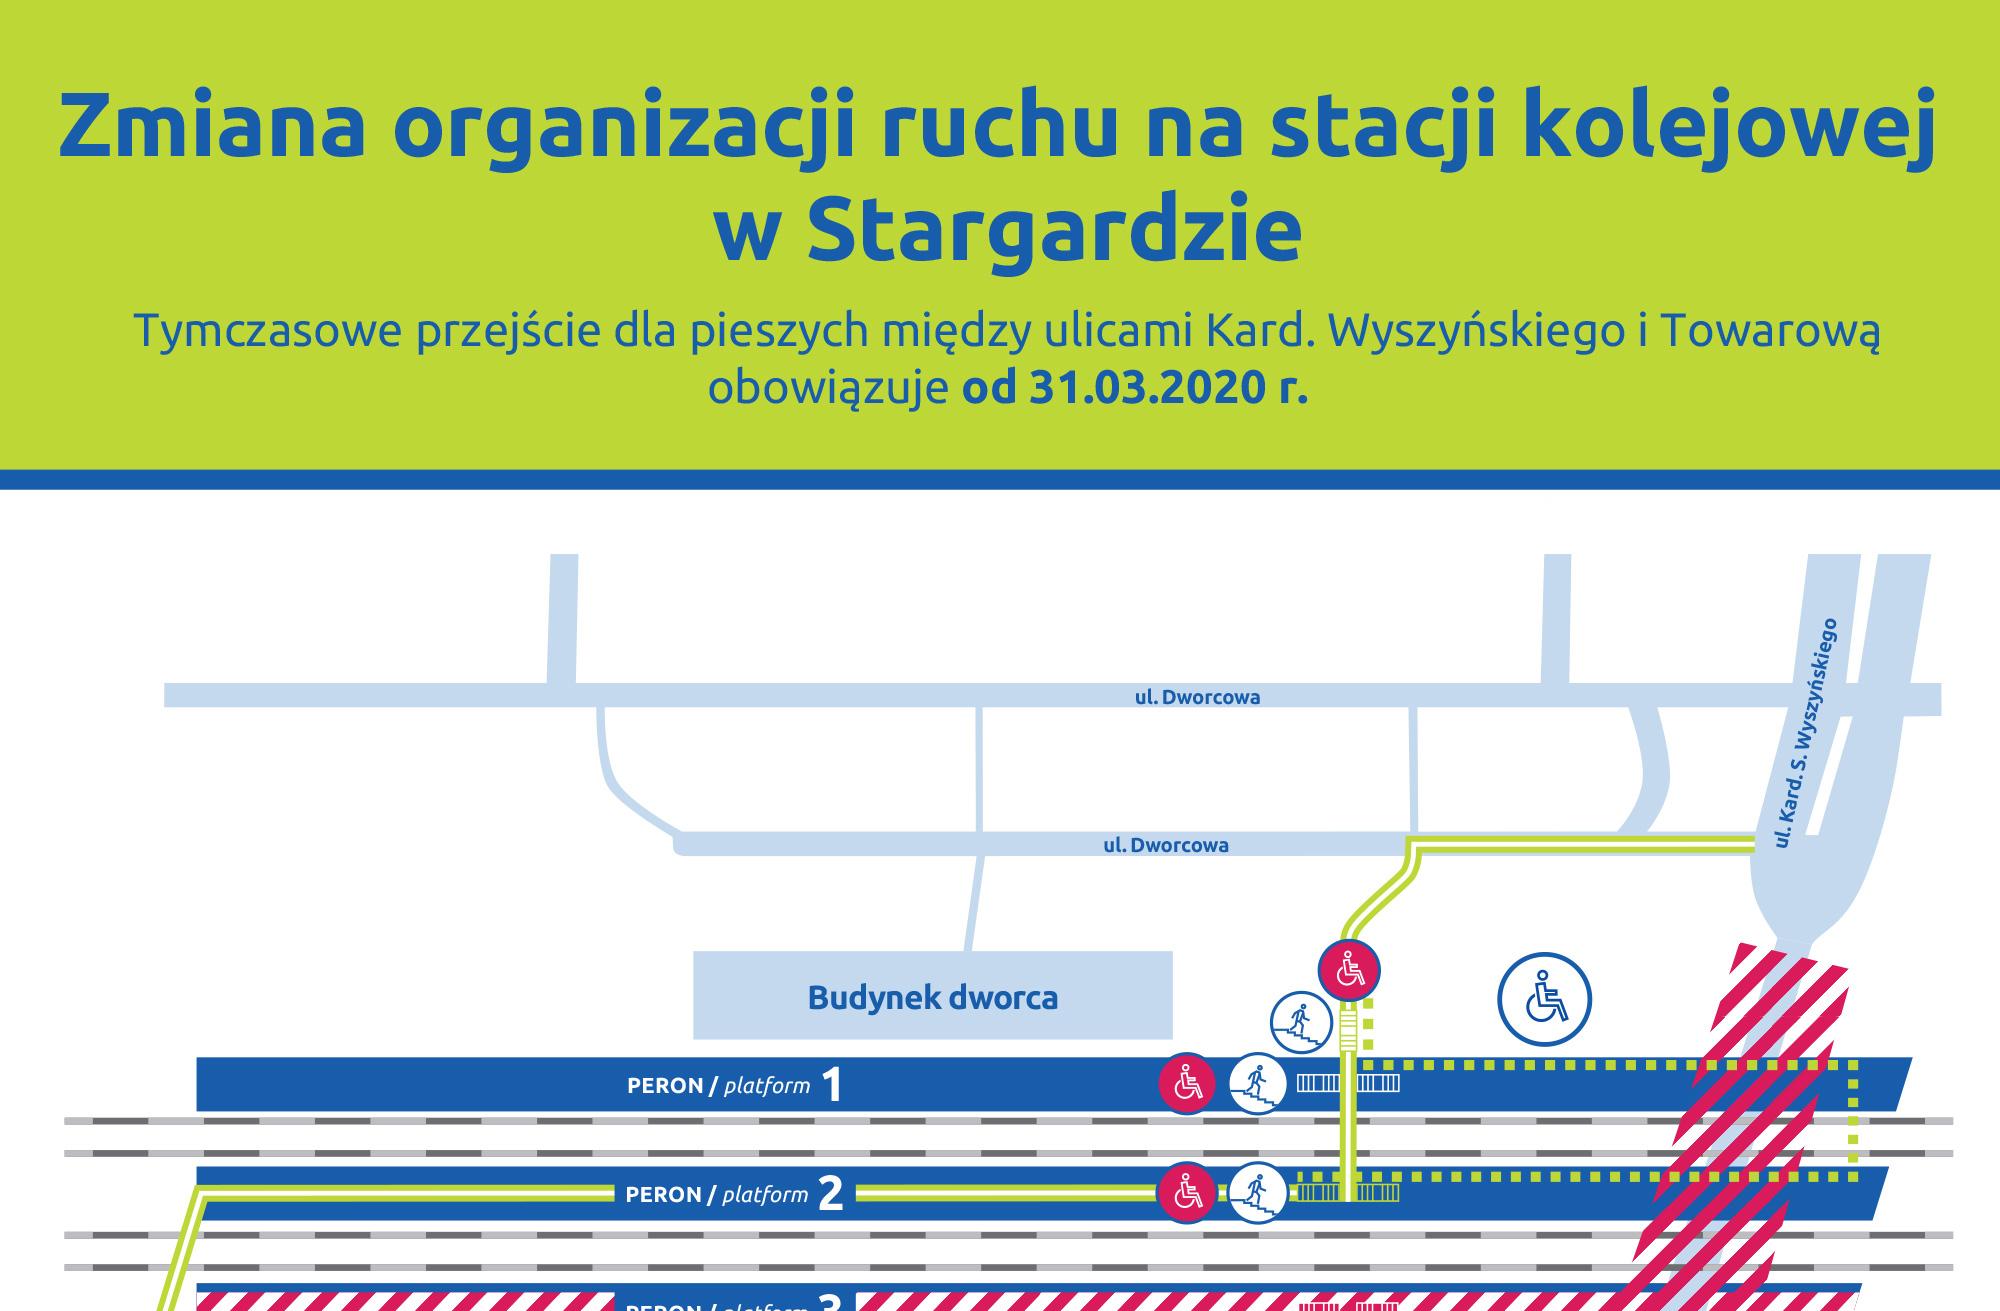 Infografika przedstawia plan nowej organizacji ruchu na stacji kolejowej w Stargardzie. Schemat pokazuje tymczasowe przejście dla pieszych między ulicami Kardynała Wyszyńskiego i Towarowej, który obowiązuje od 31 marca 2020 roku.